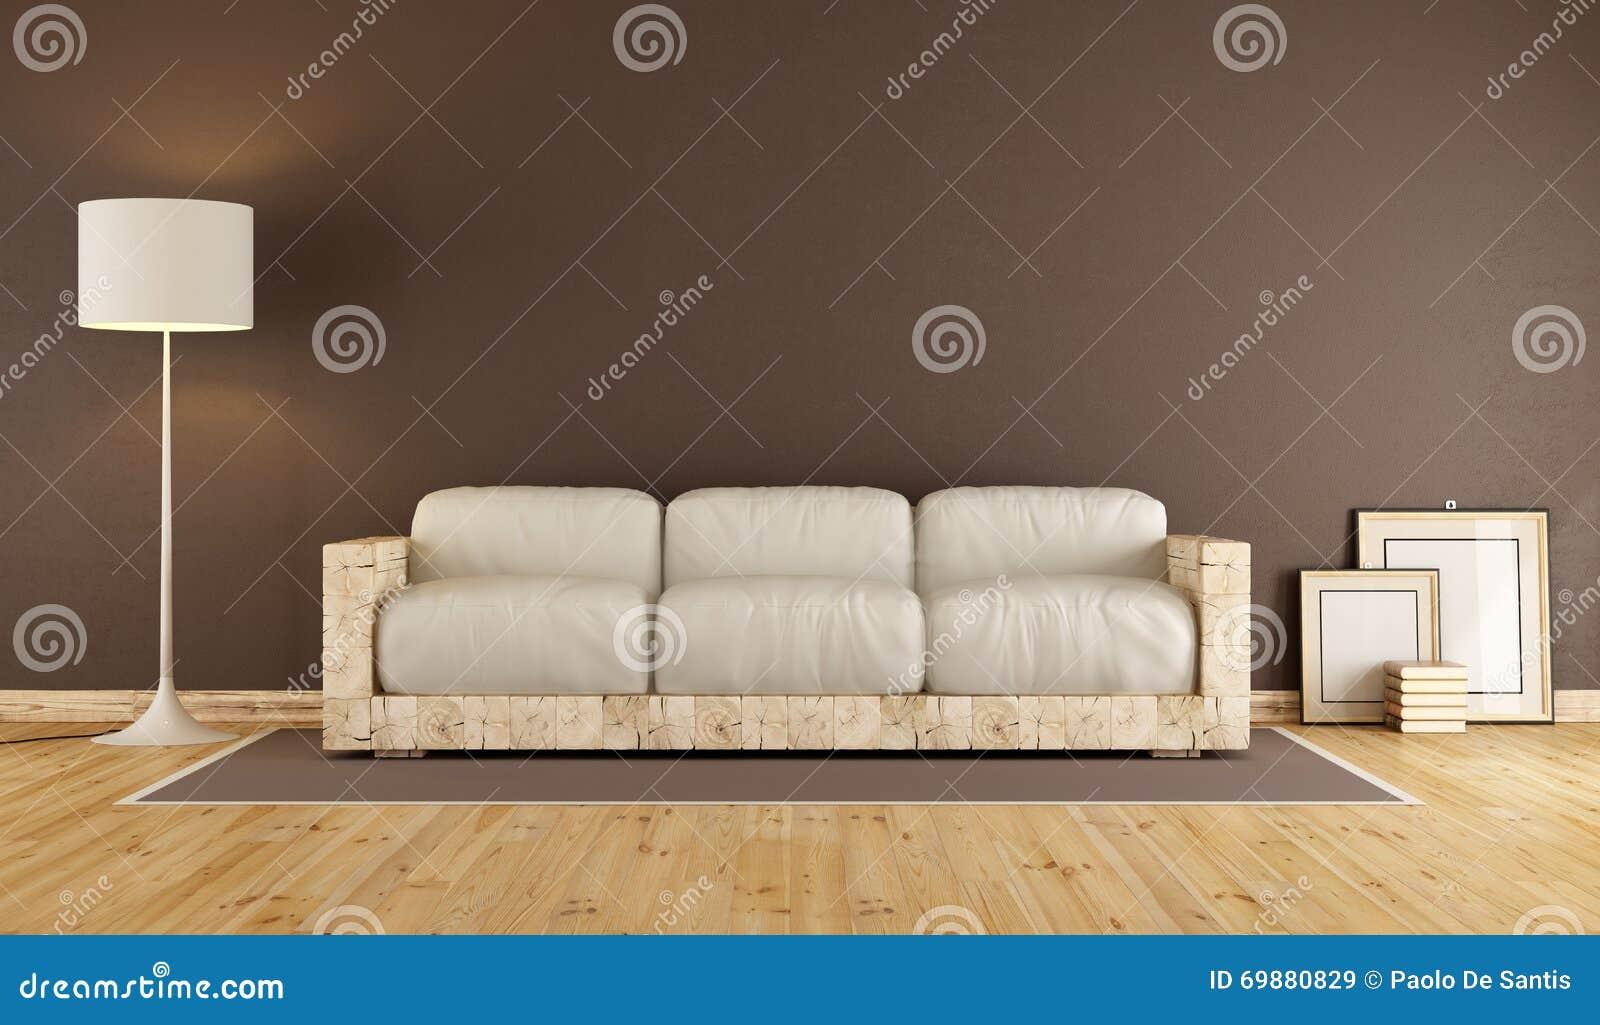 Woonkamer met houten bank stock illustratie   afbeelding: 69880829